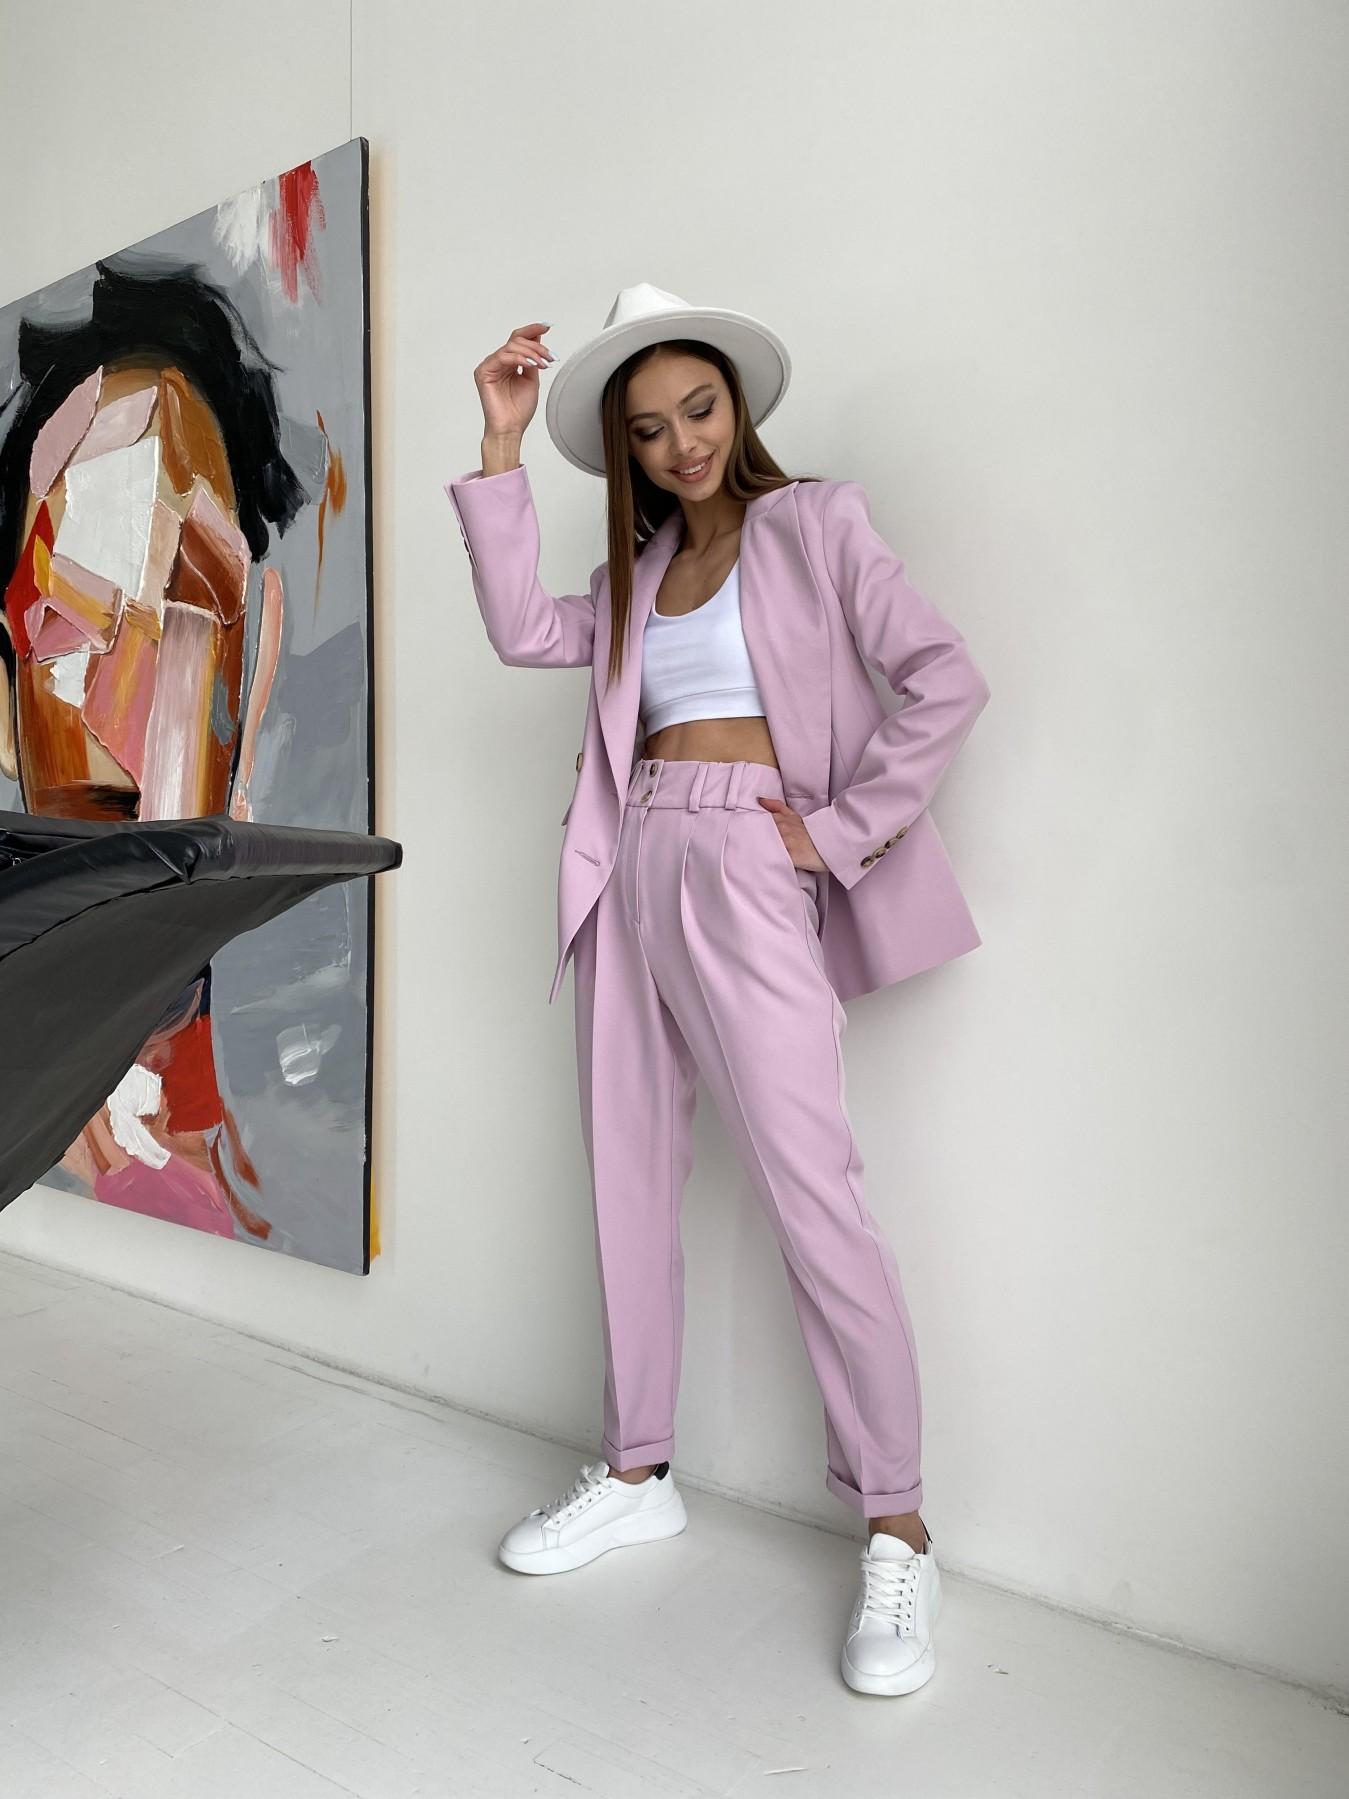 Франко костюм из костюмной ткани 11090 АРТ. 47797 Цвет: Пудра - фото 6, интернет магазин tm-modus.ru